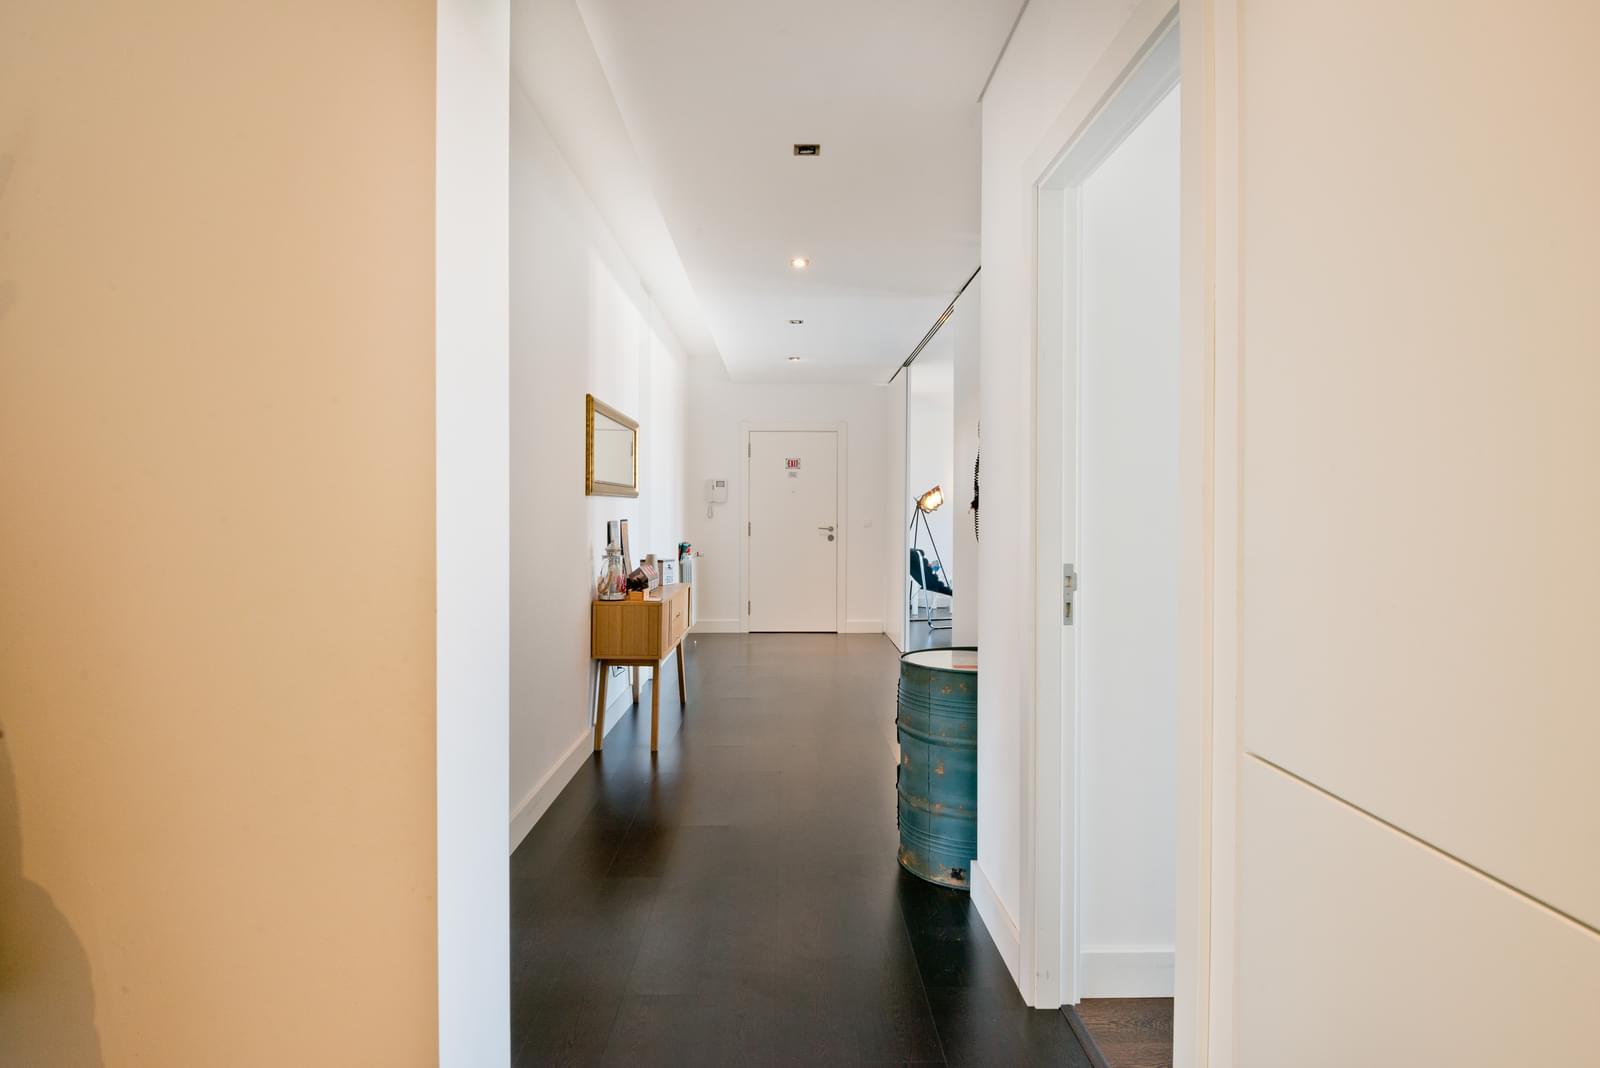 pf17099-apartamento-t3-sintra-5c18b273-8865-4ac3-a3b6-7bda4be8489c